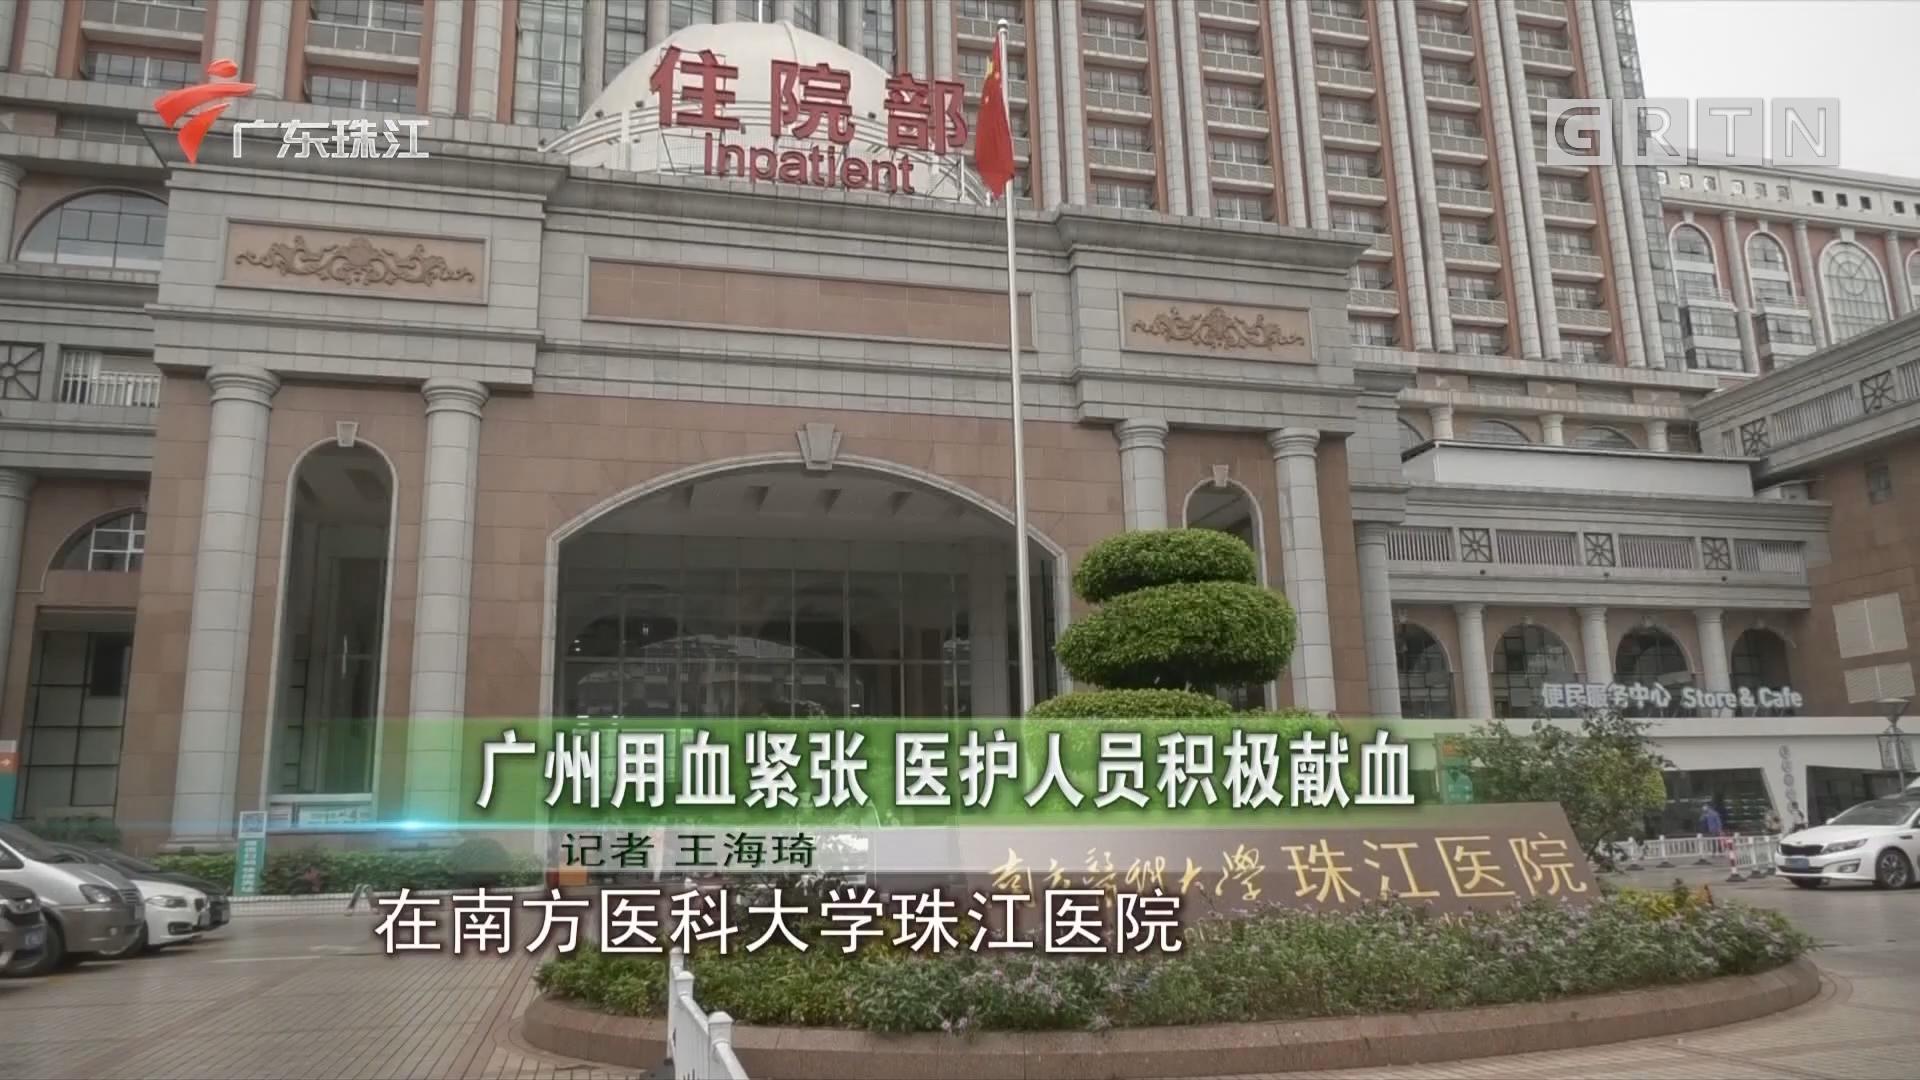 广州用血紧张 医护人员积极献血